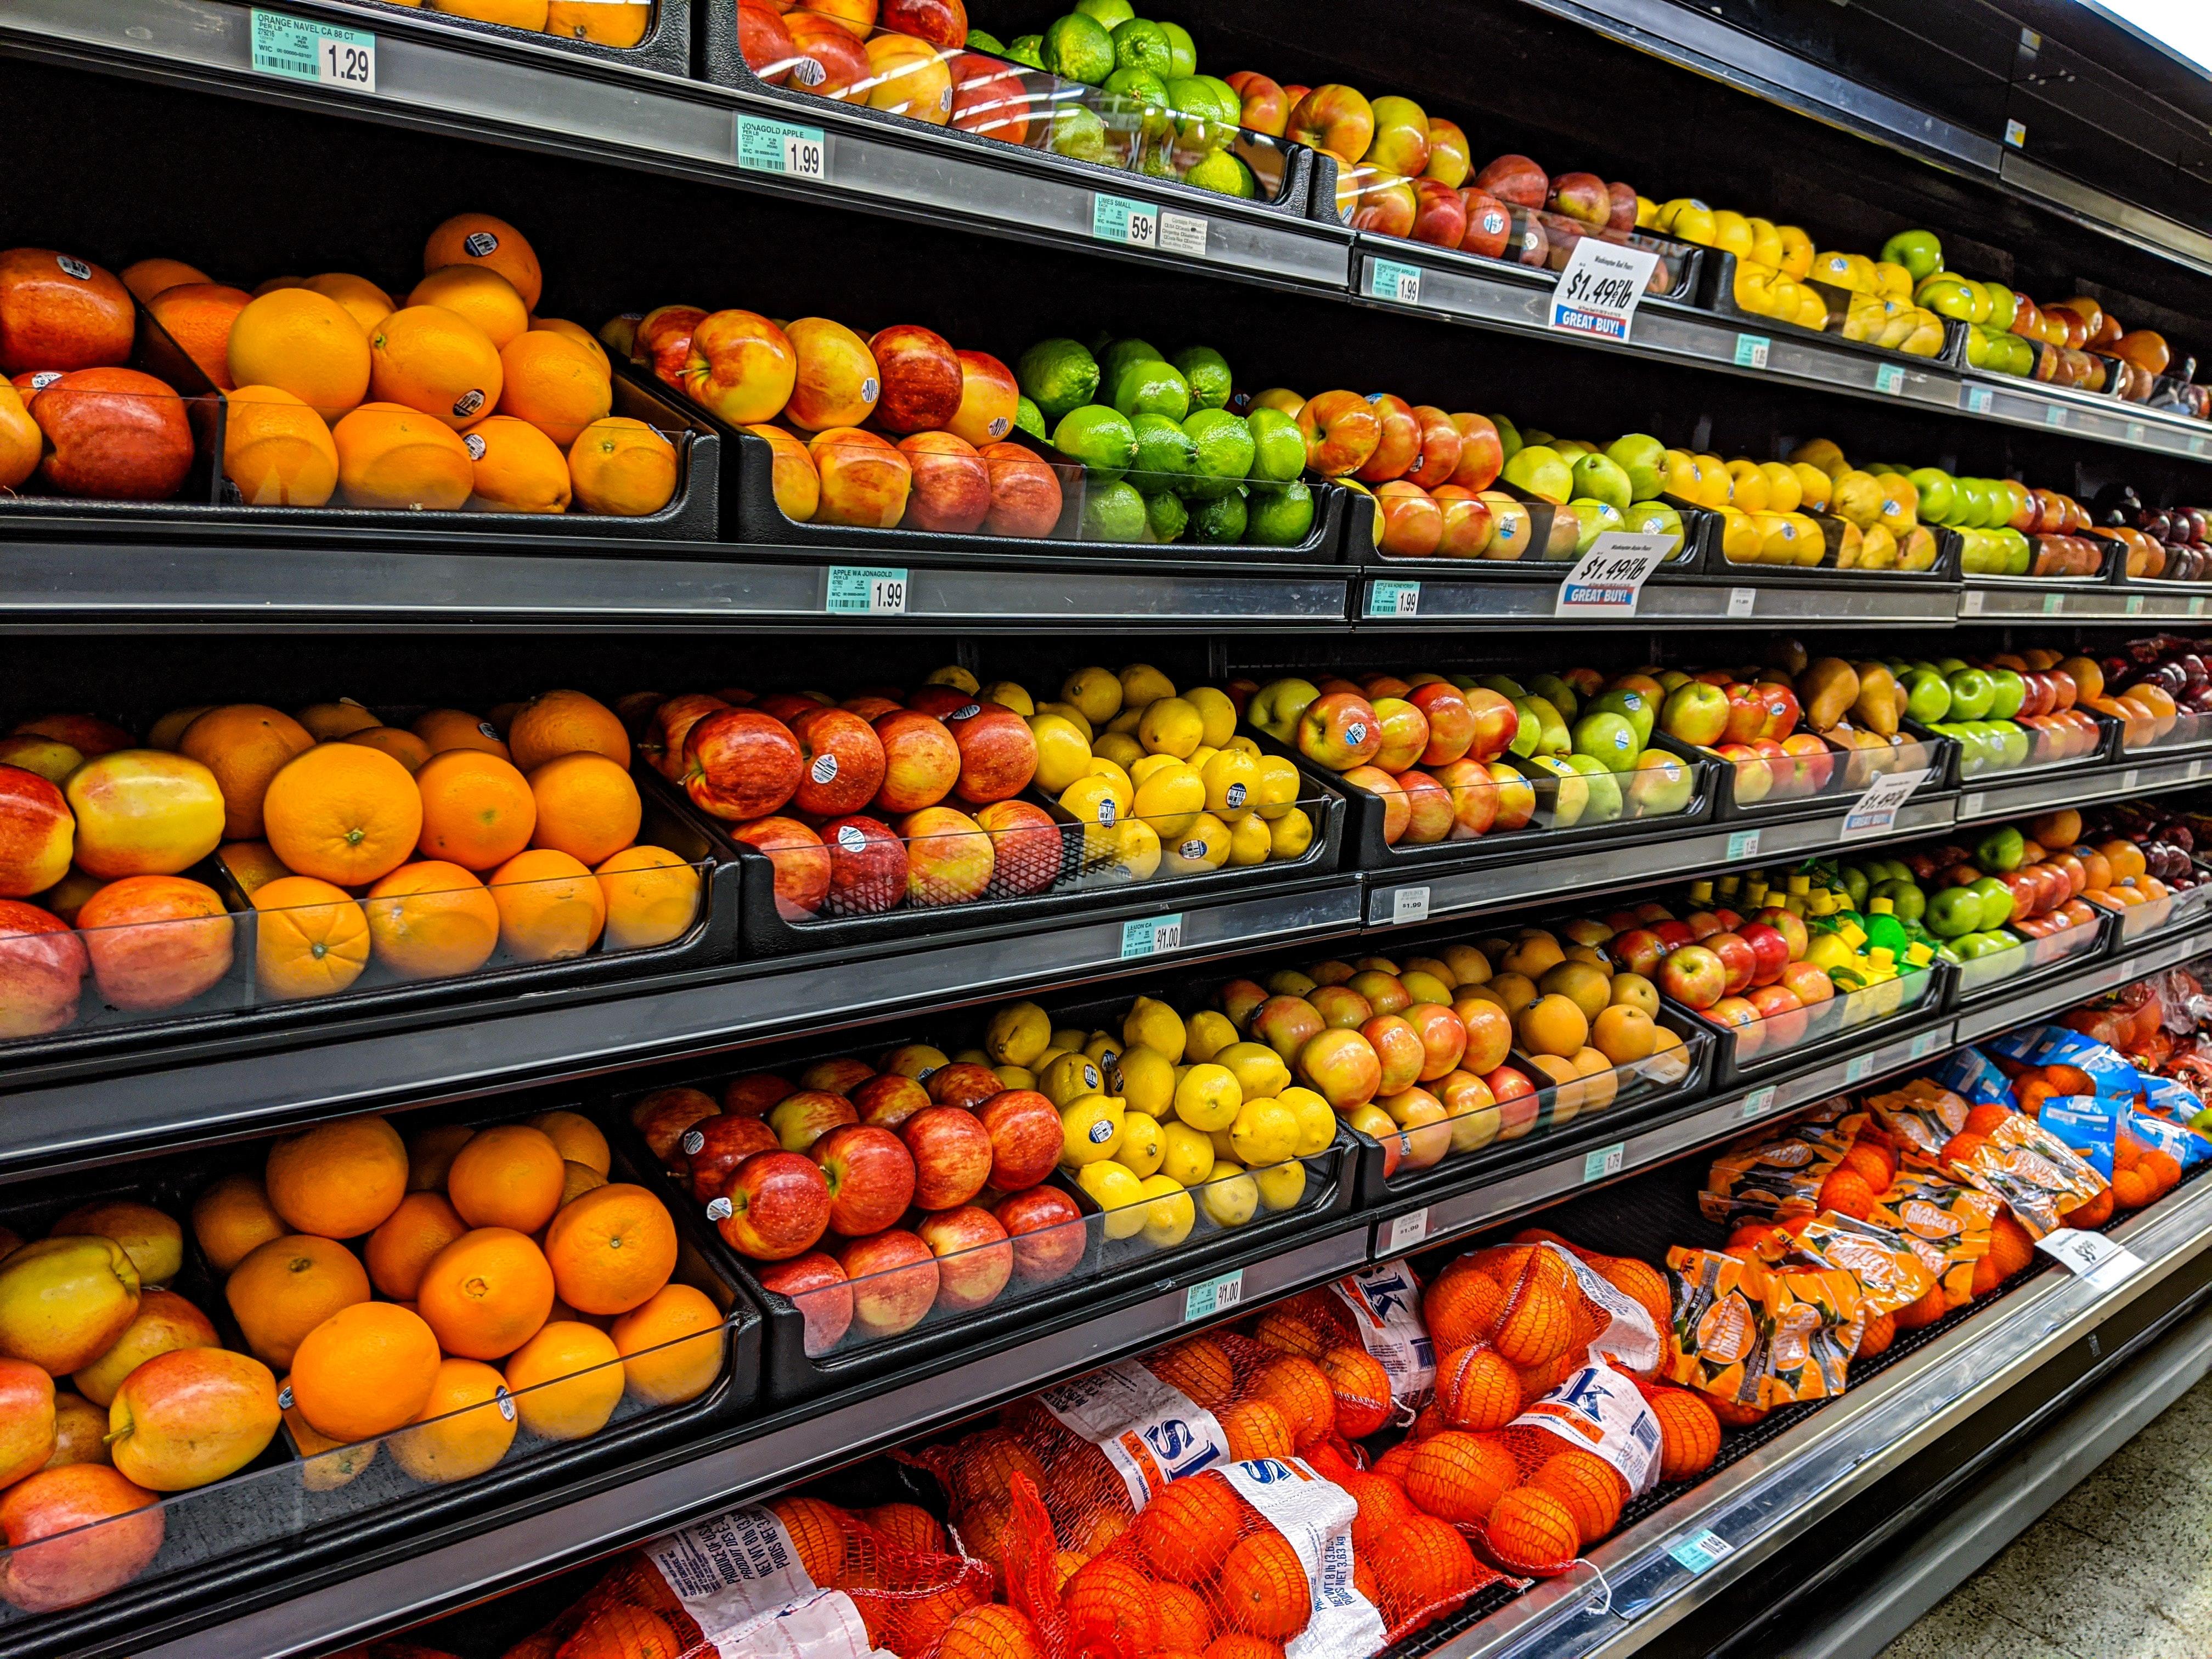 szezonalitás étrend, diéta fenntarthatóság egészséges életmód